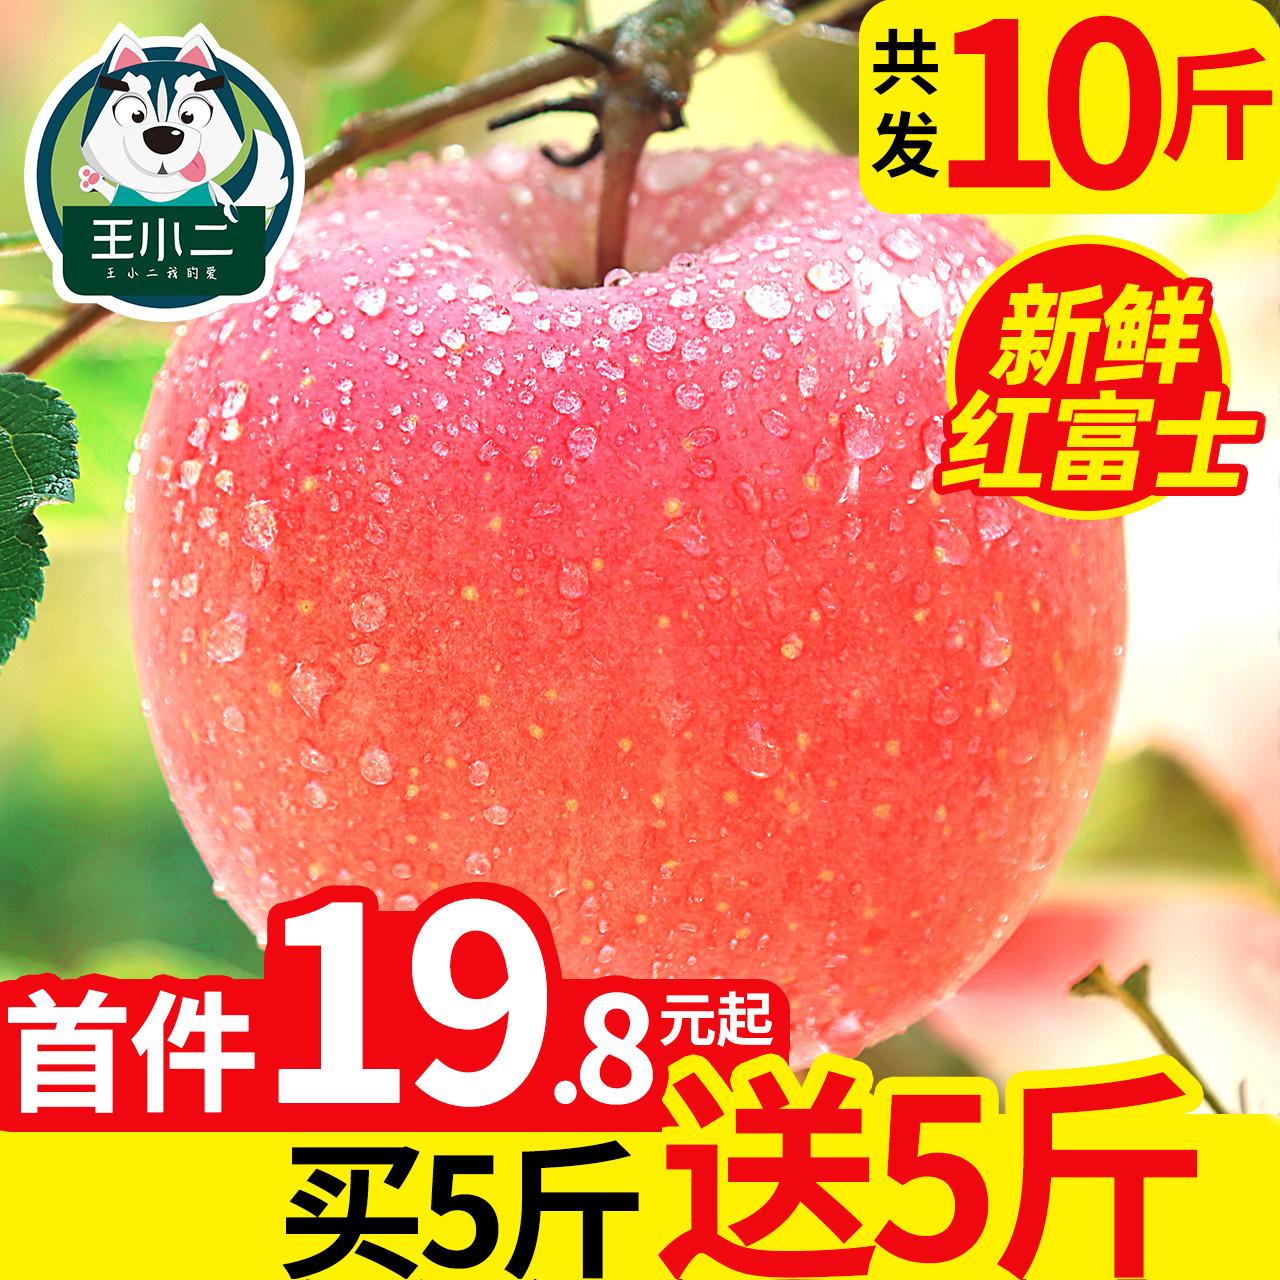 【爆款推荐】苹果水果新鲜10斤当季整箱陕西红富士应季脆甜糖心大果批发丑苹果,王小二苹果的果肉是酥脆香甜的